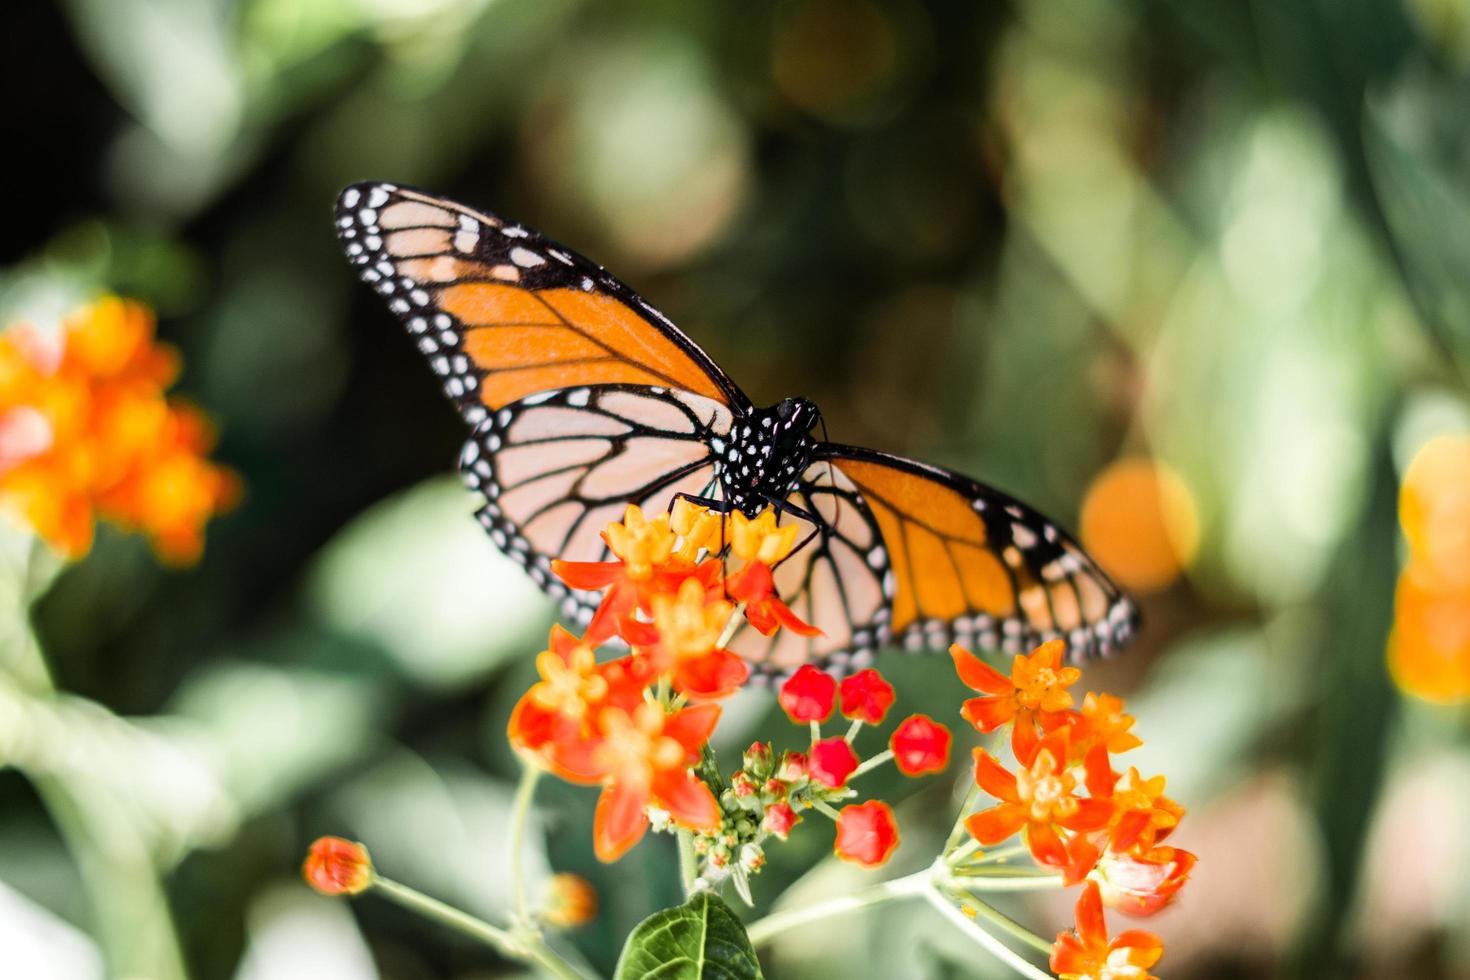 papillon orange et noir sur les fleurs photo